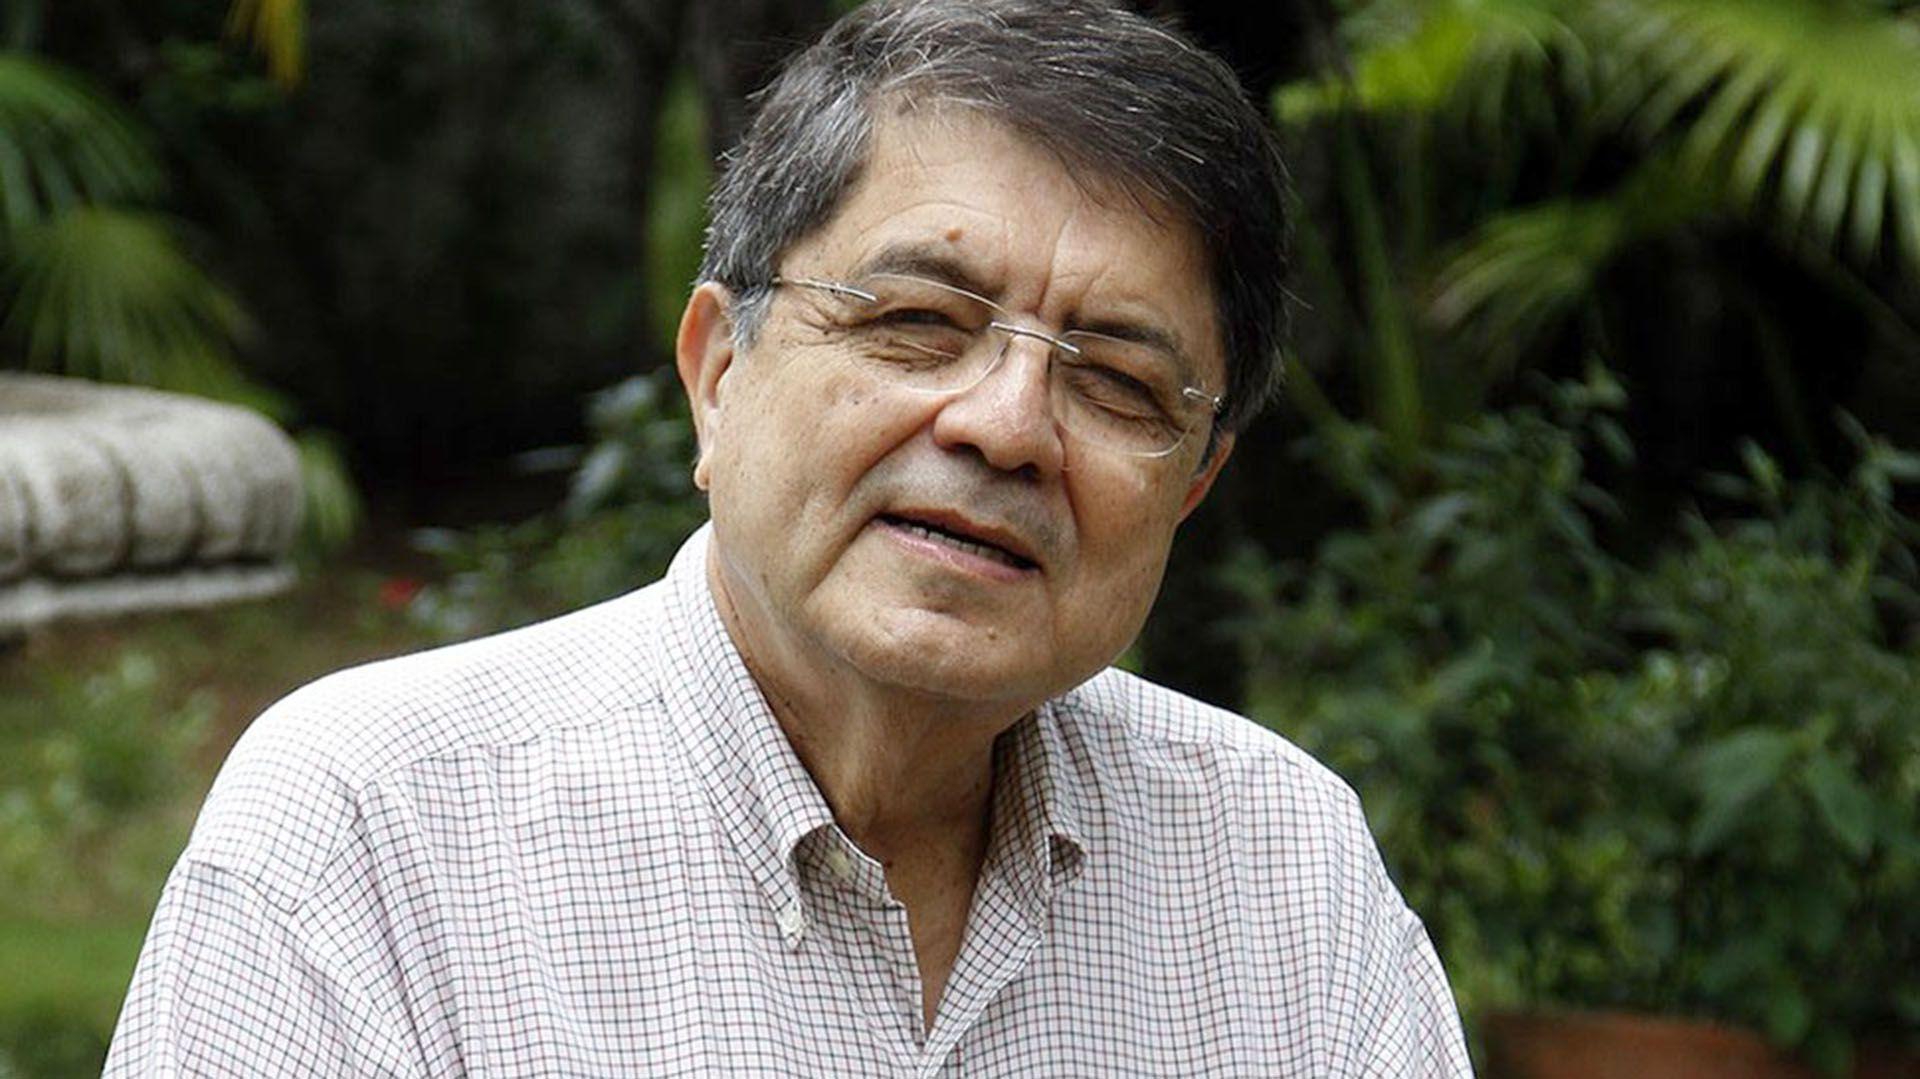 Sergio Ramírez formó parte del FSLN y fue vicepresidente de Ortega entre 1985 y 1990, pero luego rompió con él